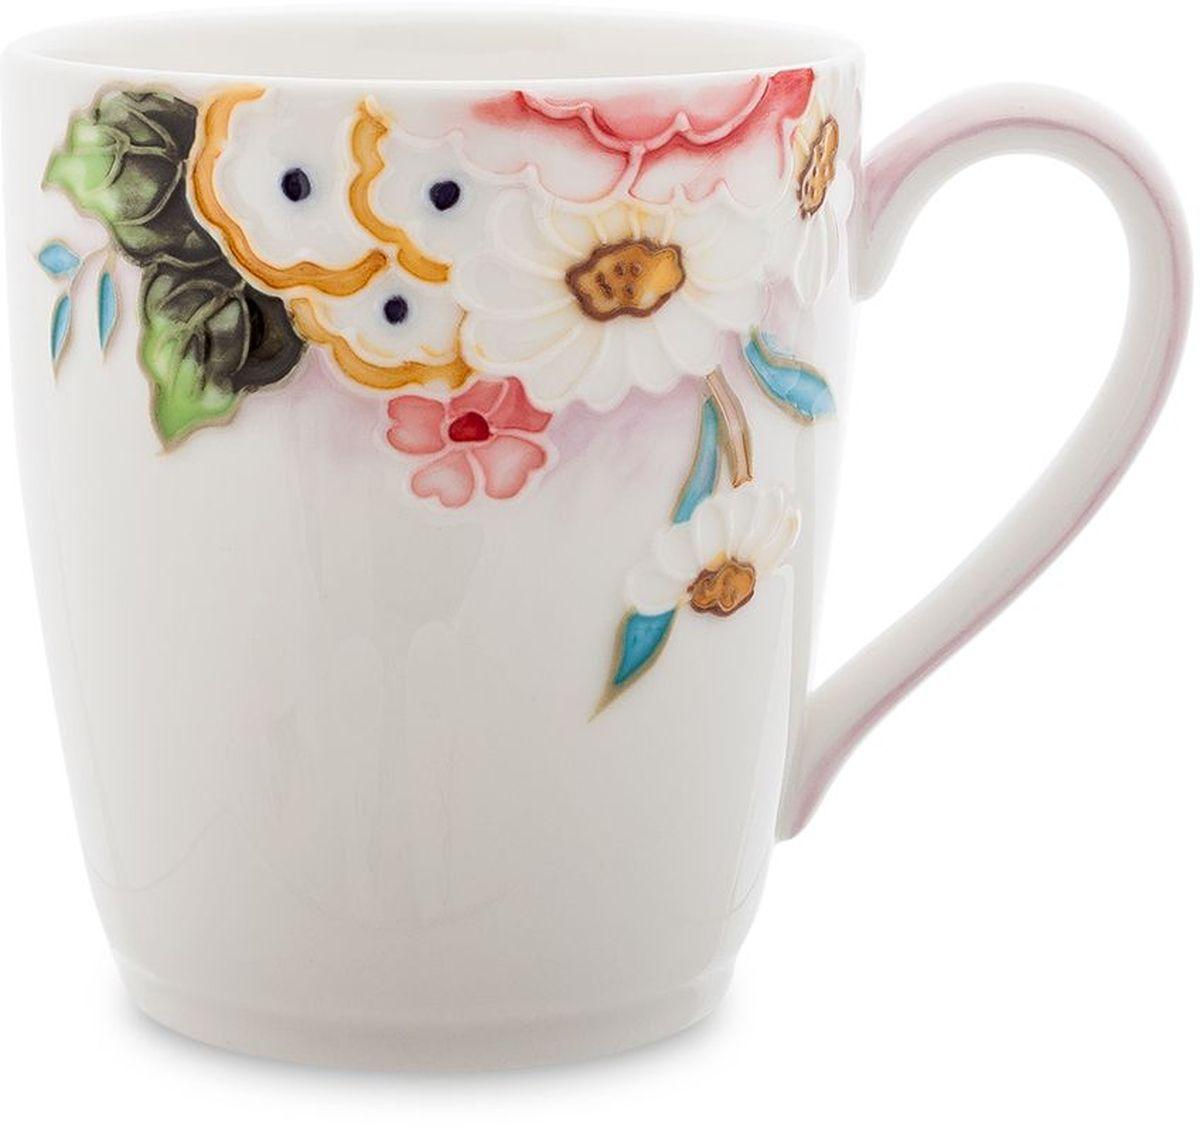 Кружка Pavone Королева Камилла, 300 мл451593Кружка Pavone Королева Камилла выполнена из высококачественного фарфора с глазурованным покрытием и оформлена оригинальным рисунком. Посуда из фарфора позволяет сохранить истинный вкус напитка, а также помогает ему дольше оставаться теплым. Такая кружка прекрасно оформит стол к чаепитию и станет его неизменным атрибутом. Объем: 300 мл.Высота чашки: 9 см.